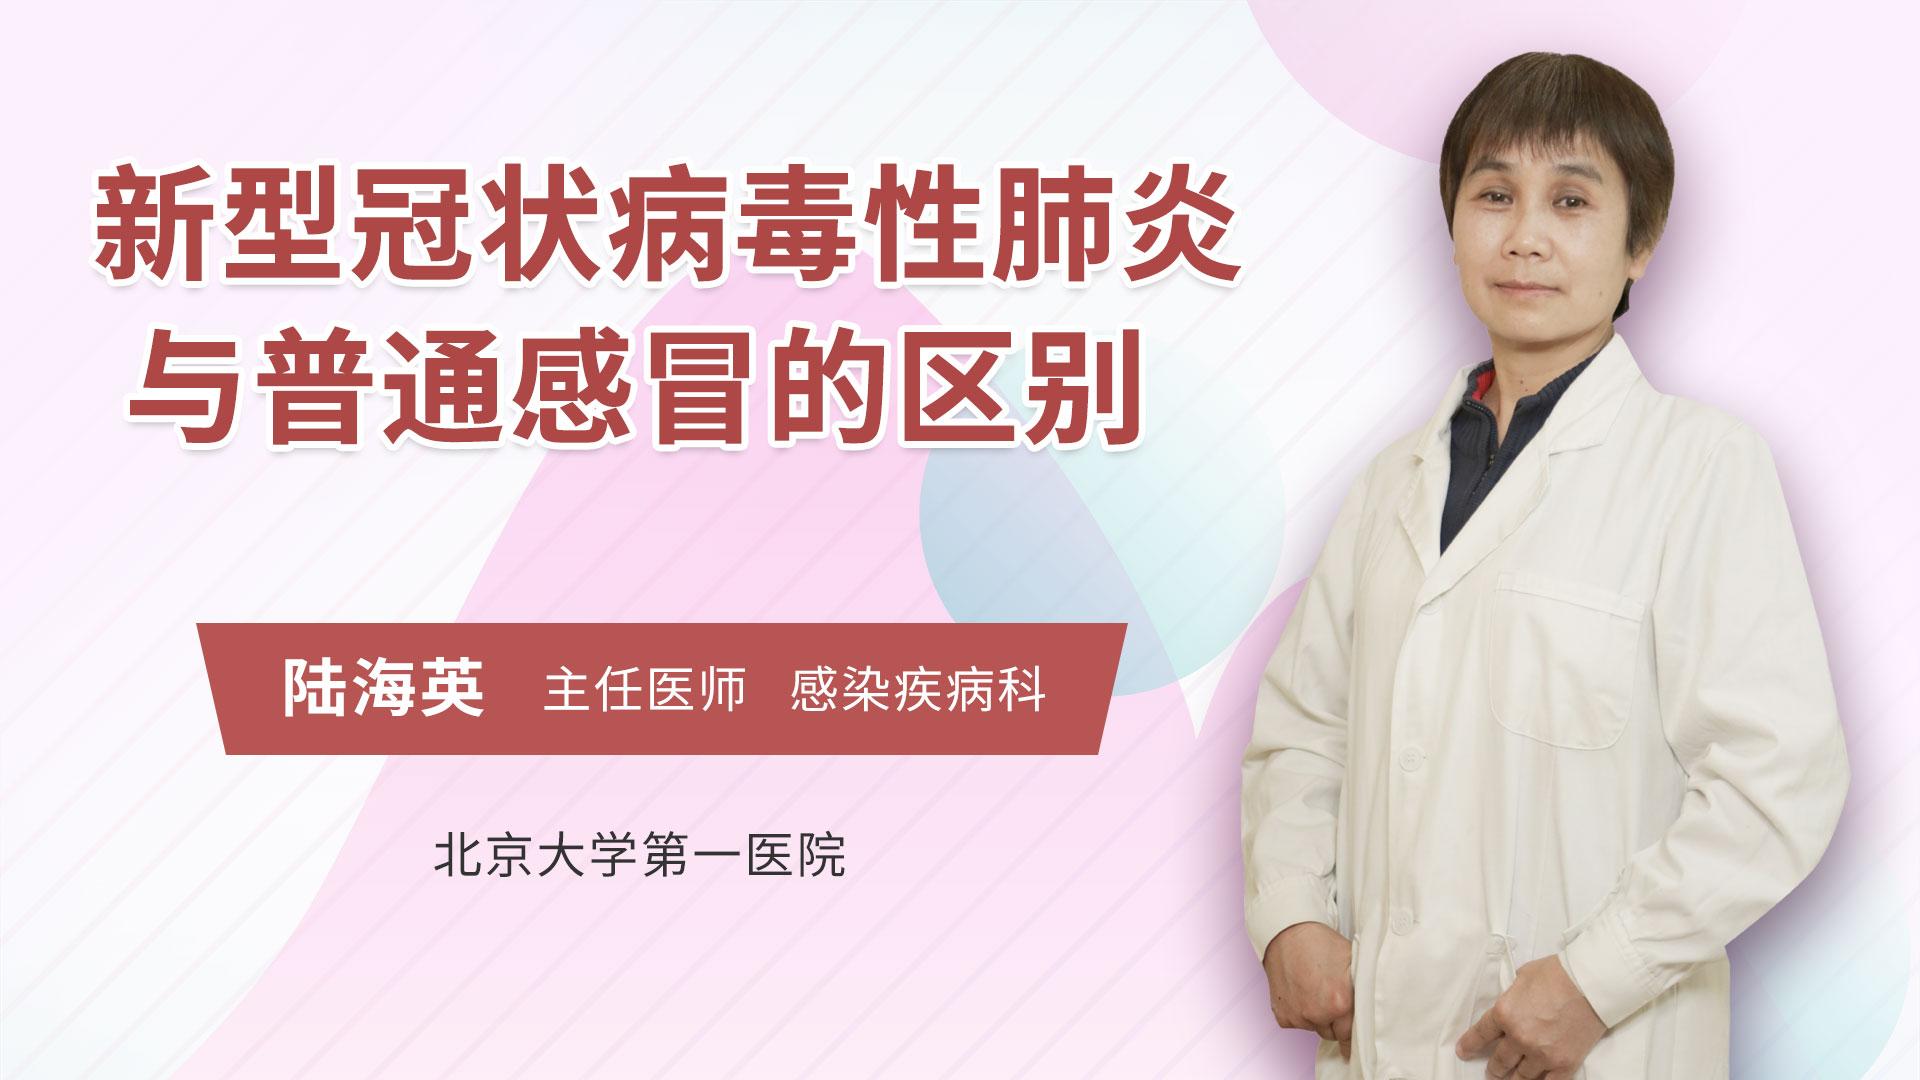 新型冠状病毒性肺炎与普通感冒的区别